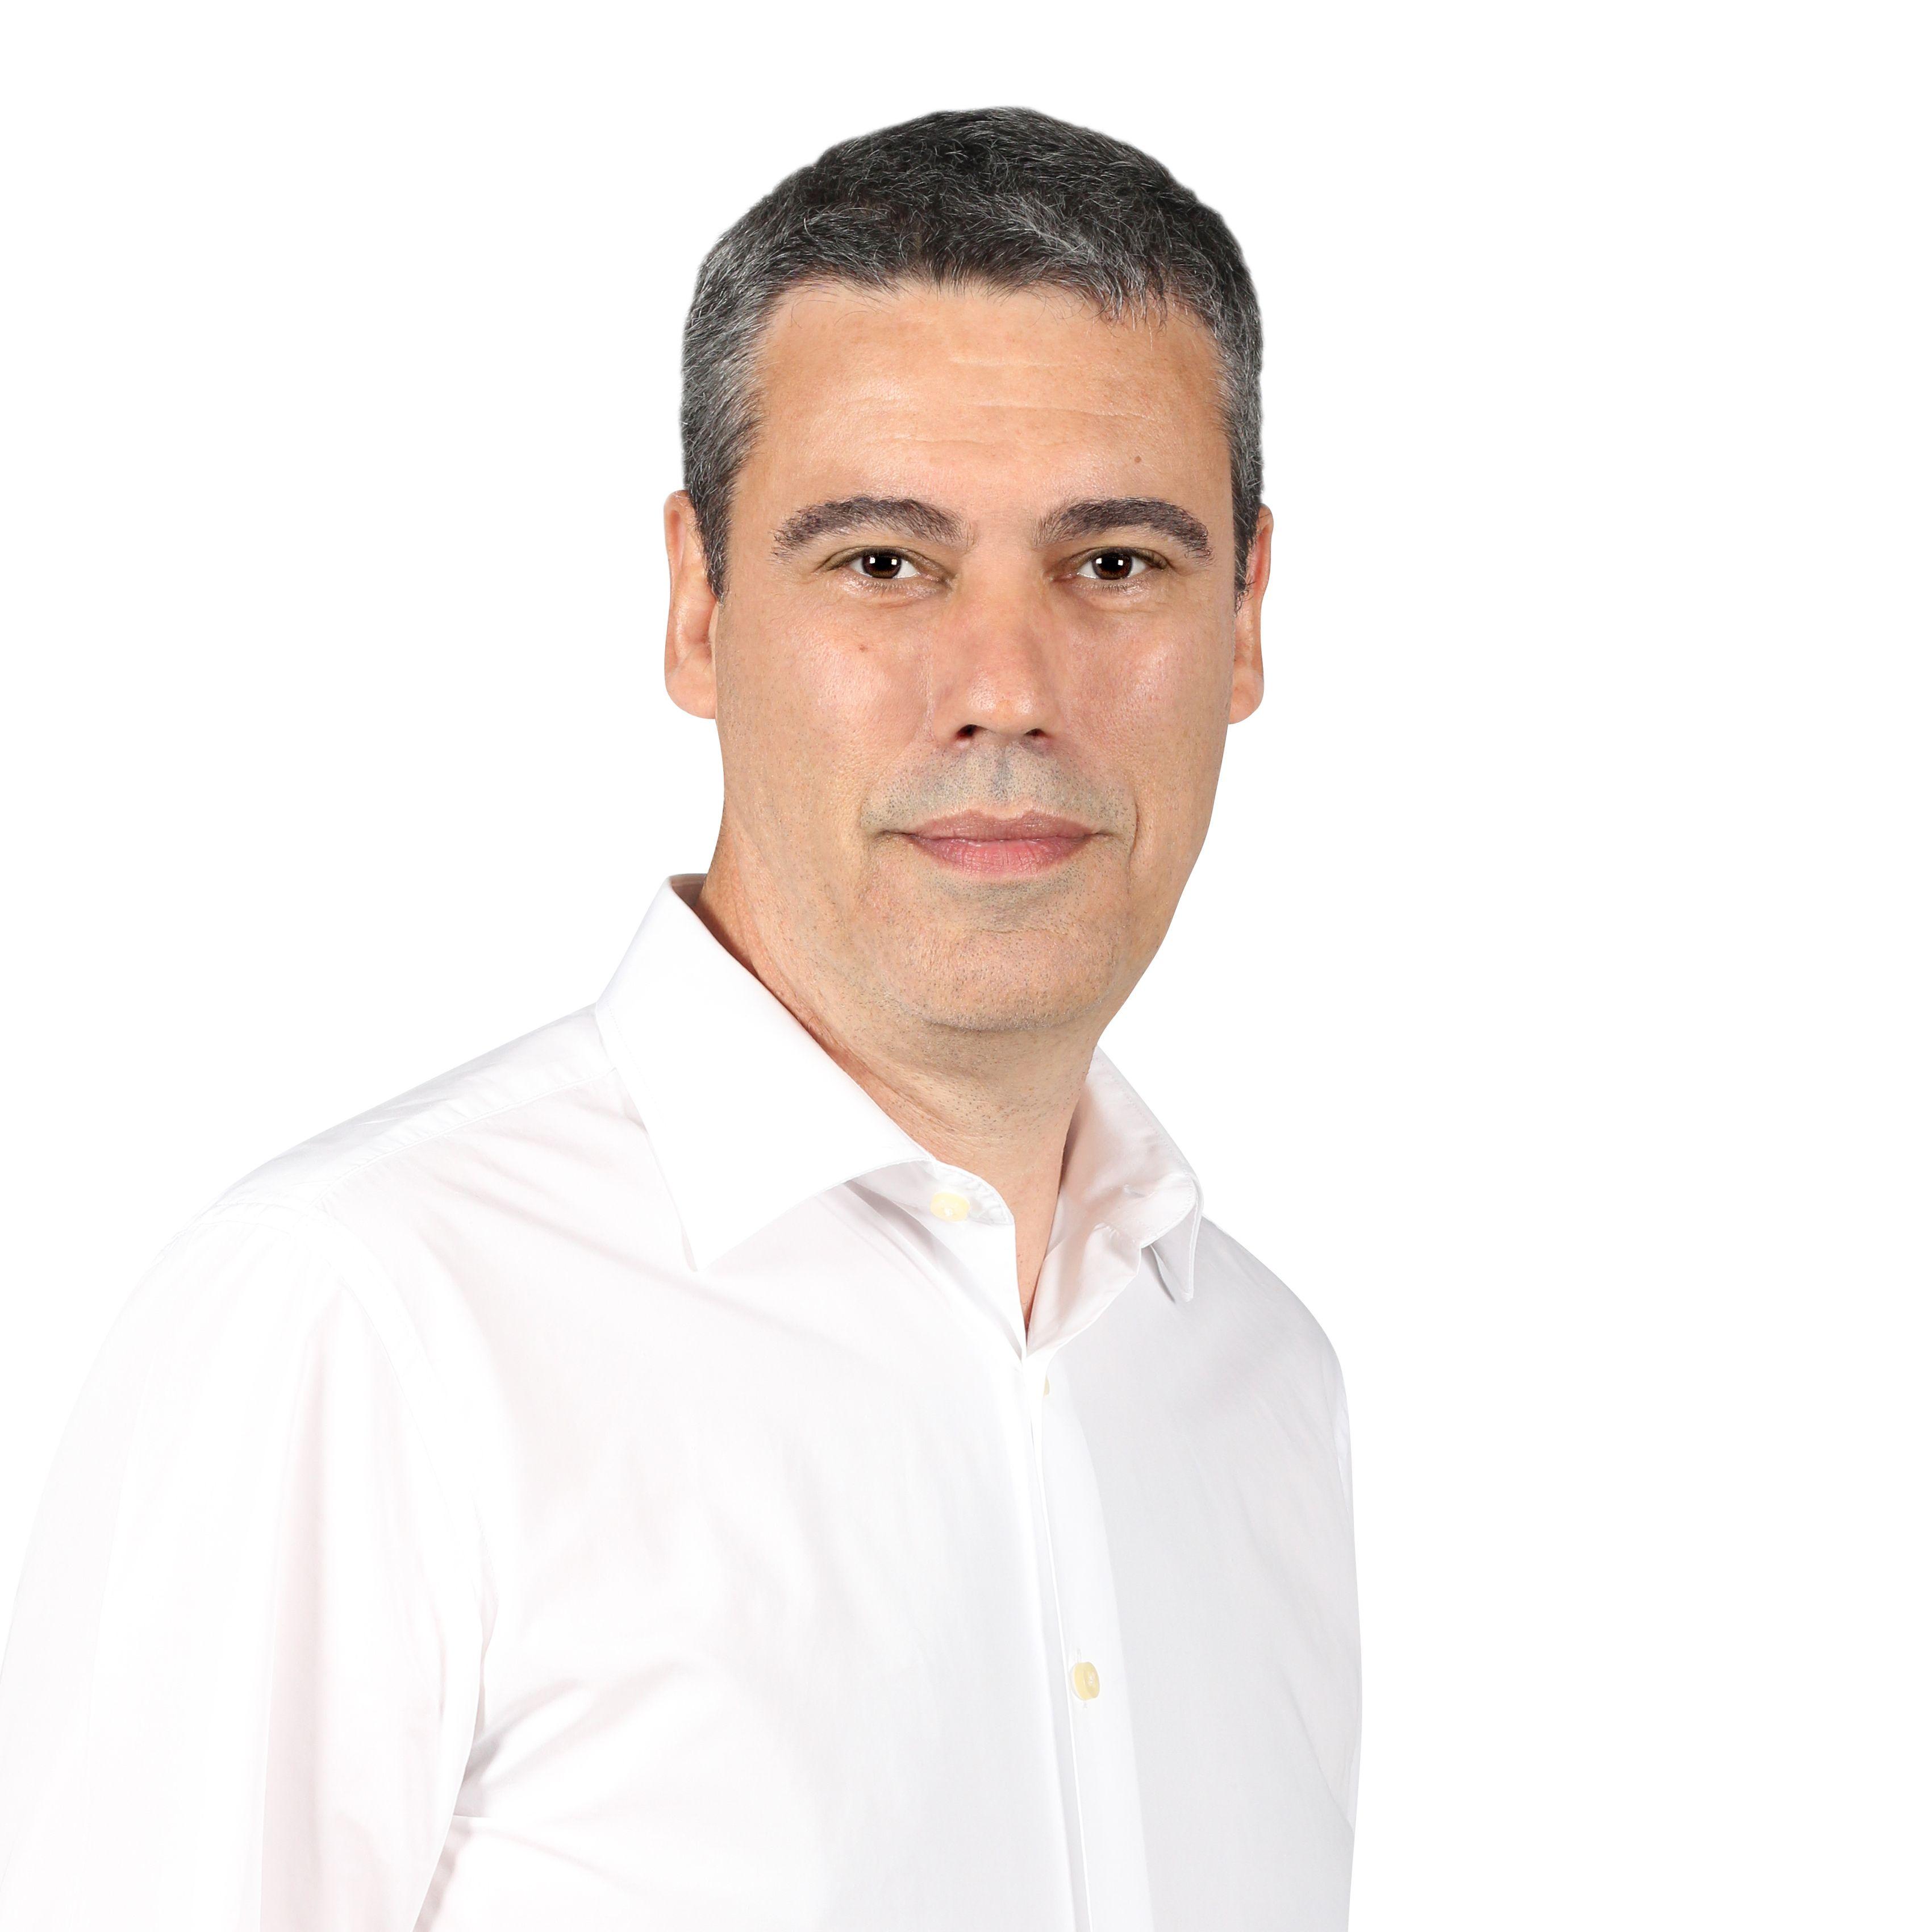 Carlos Nuno Lacerda Lopes